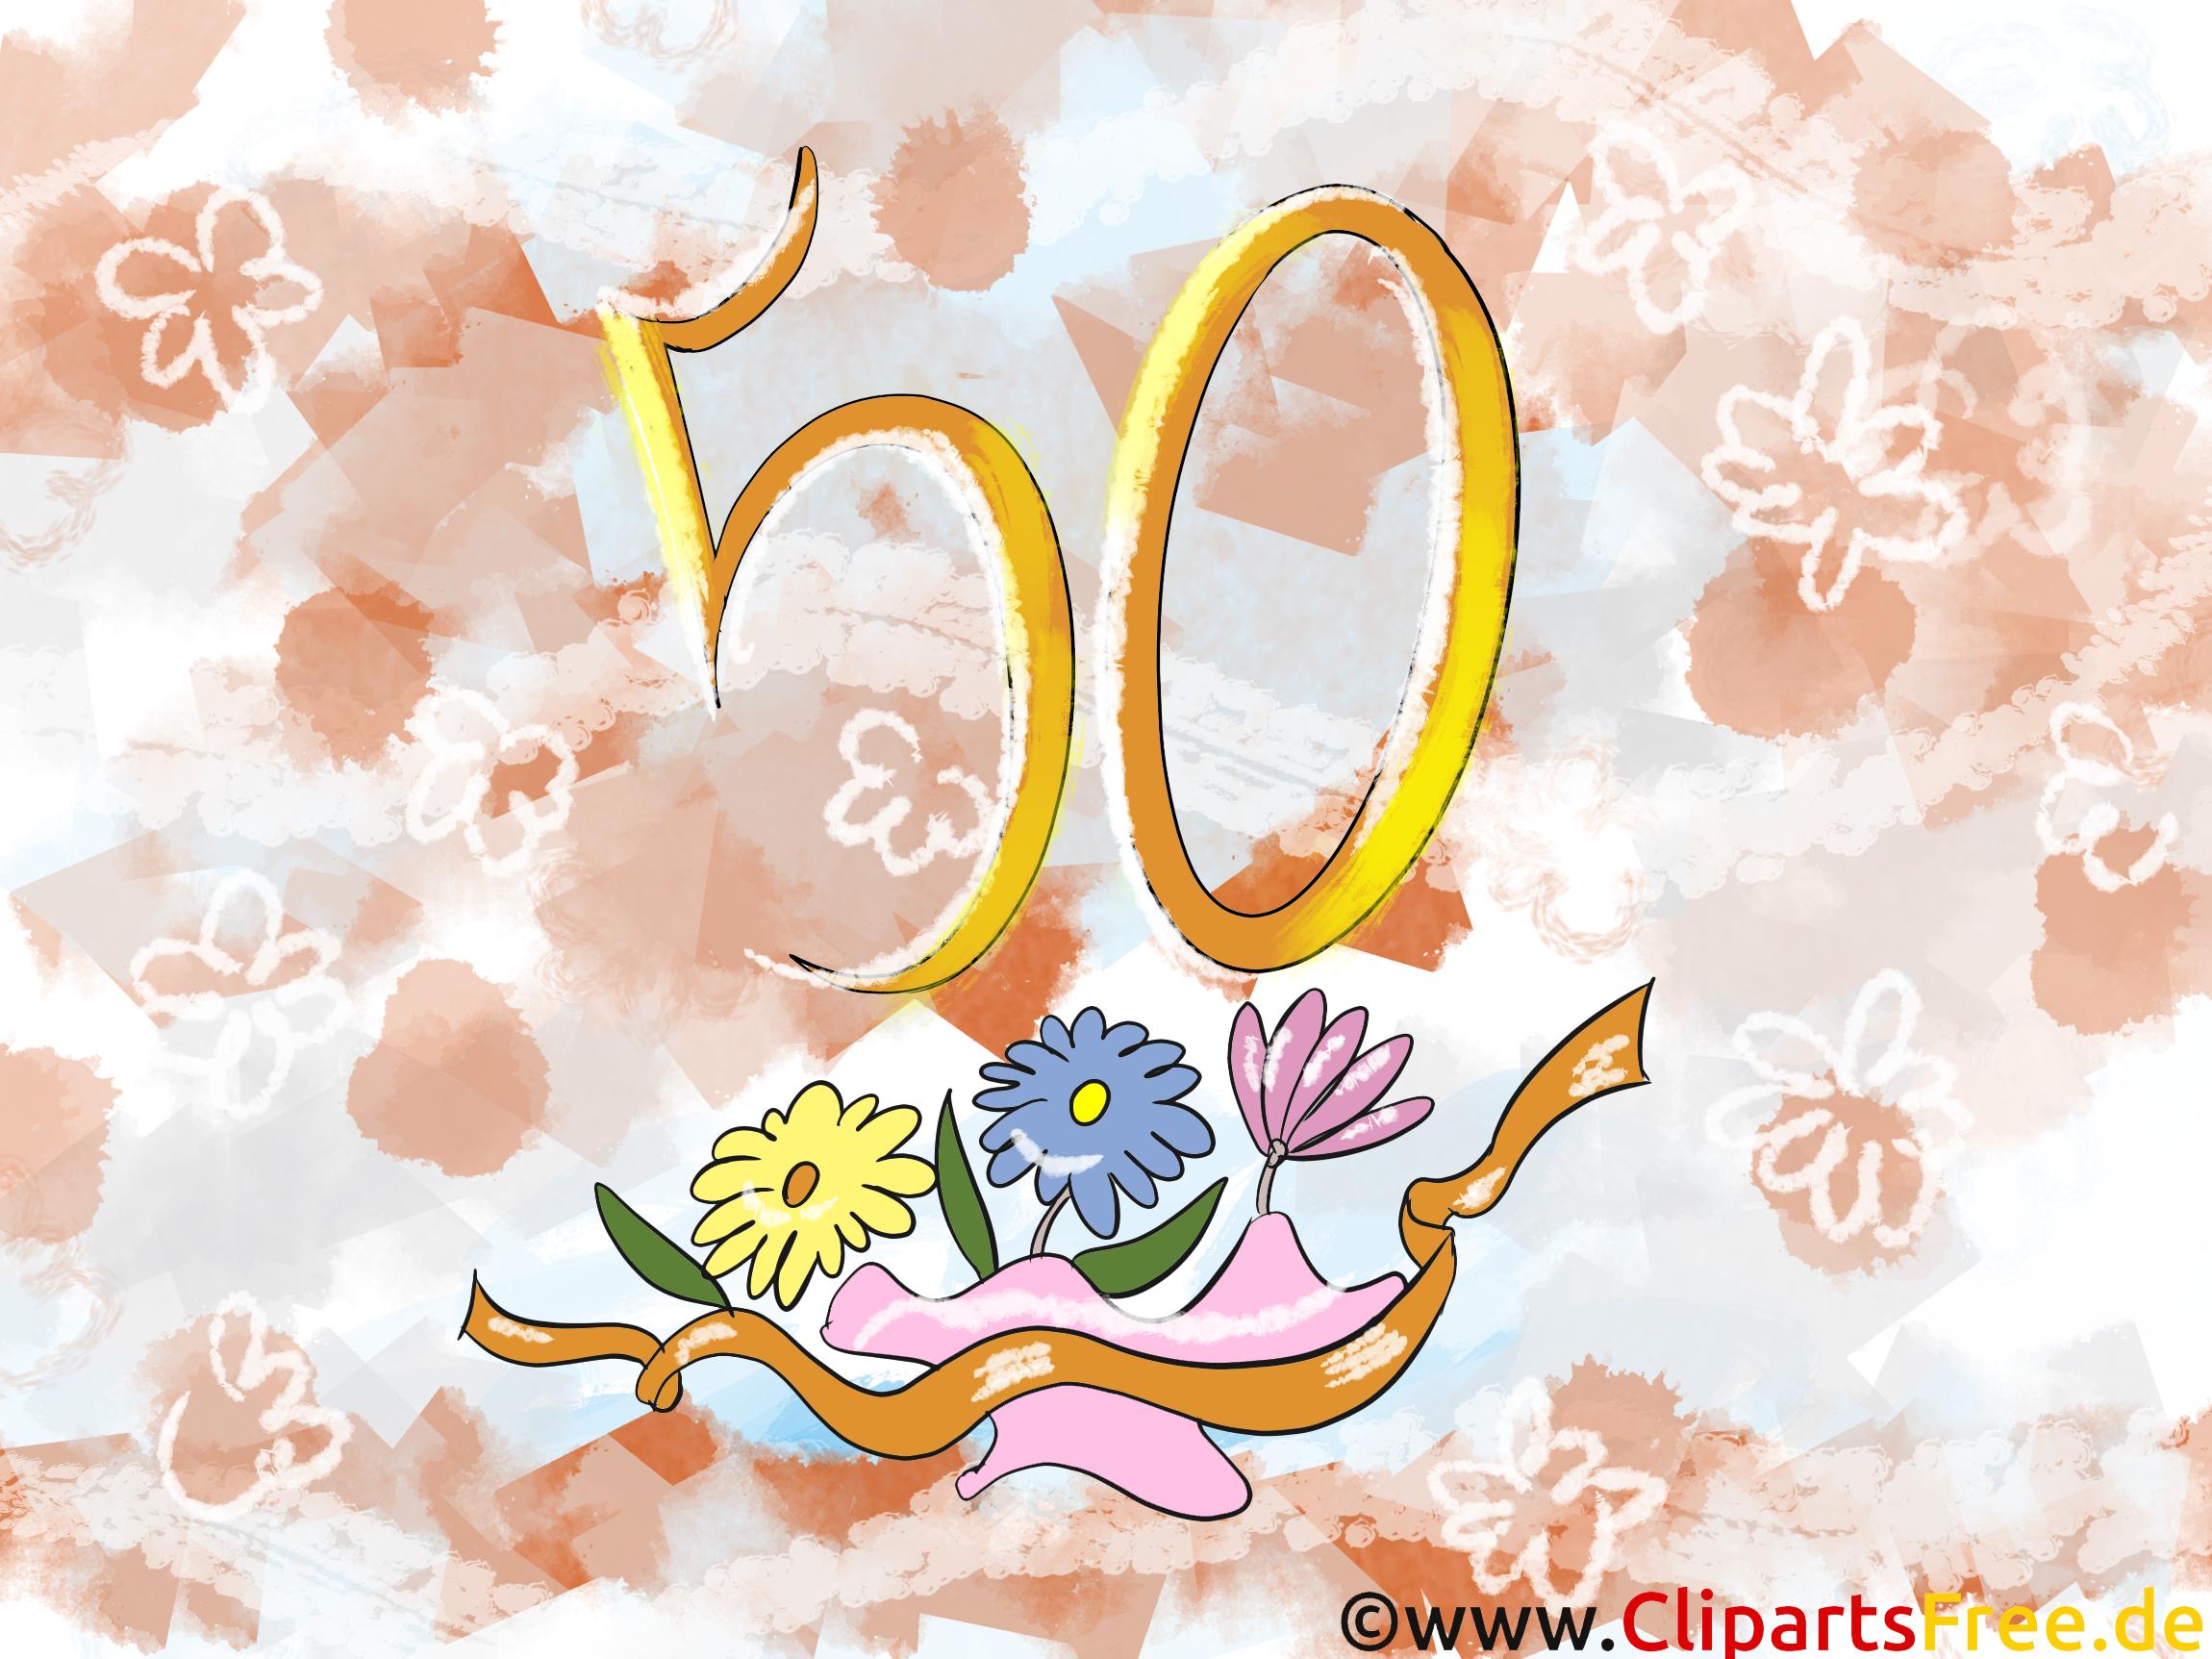 お誕生日おめでとうございます50年誕生日グリーティングカード、クリップアート、絵、カード